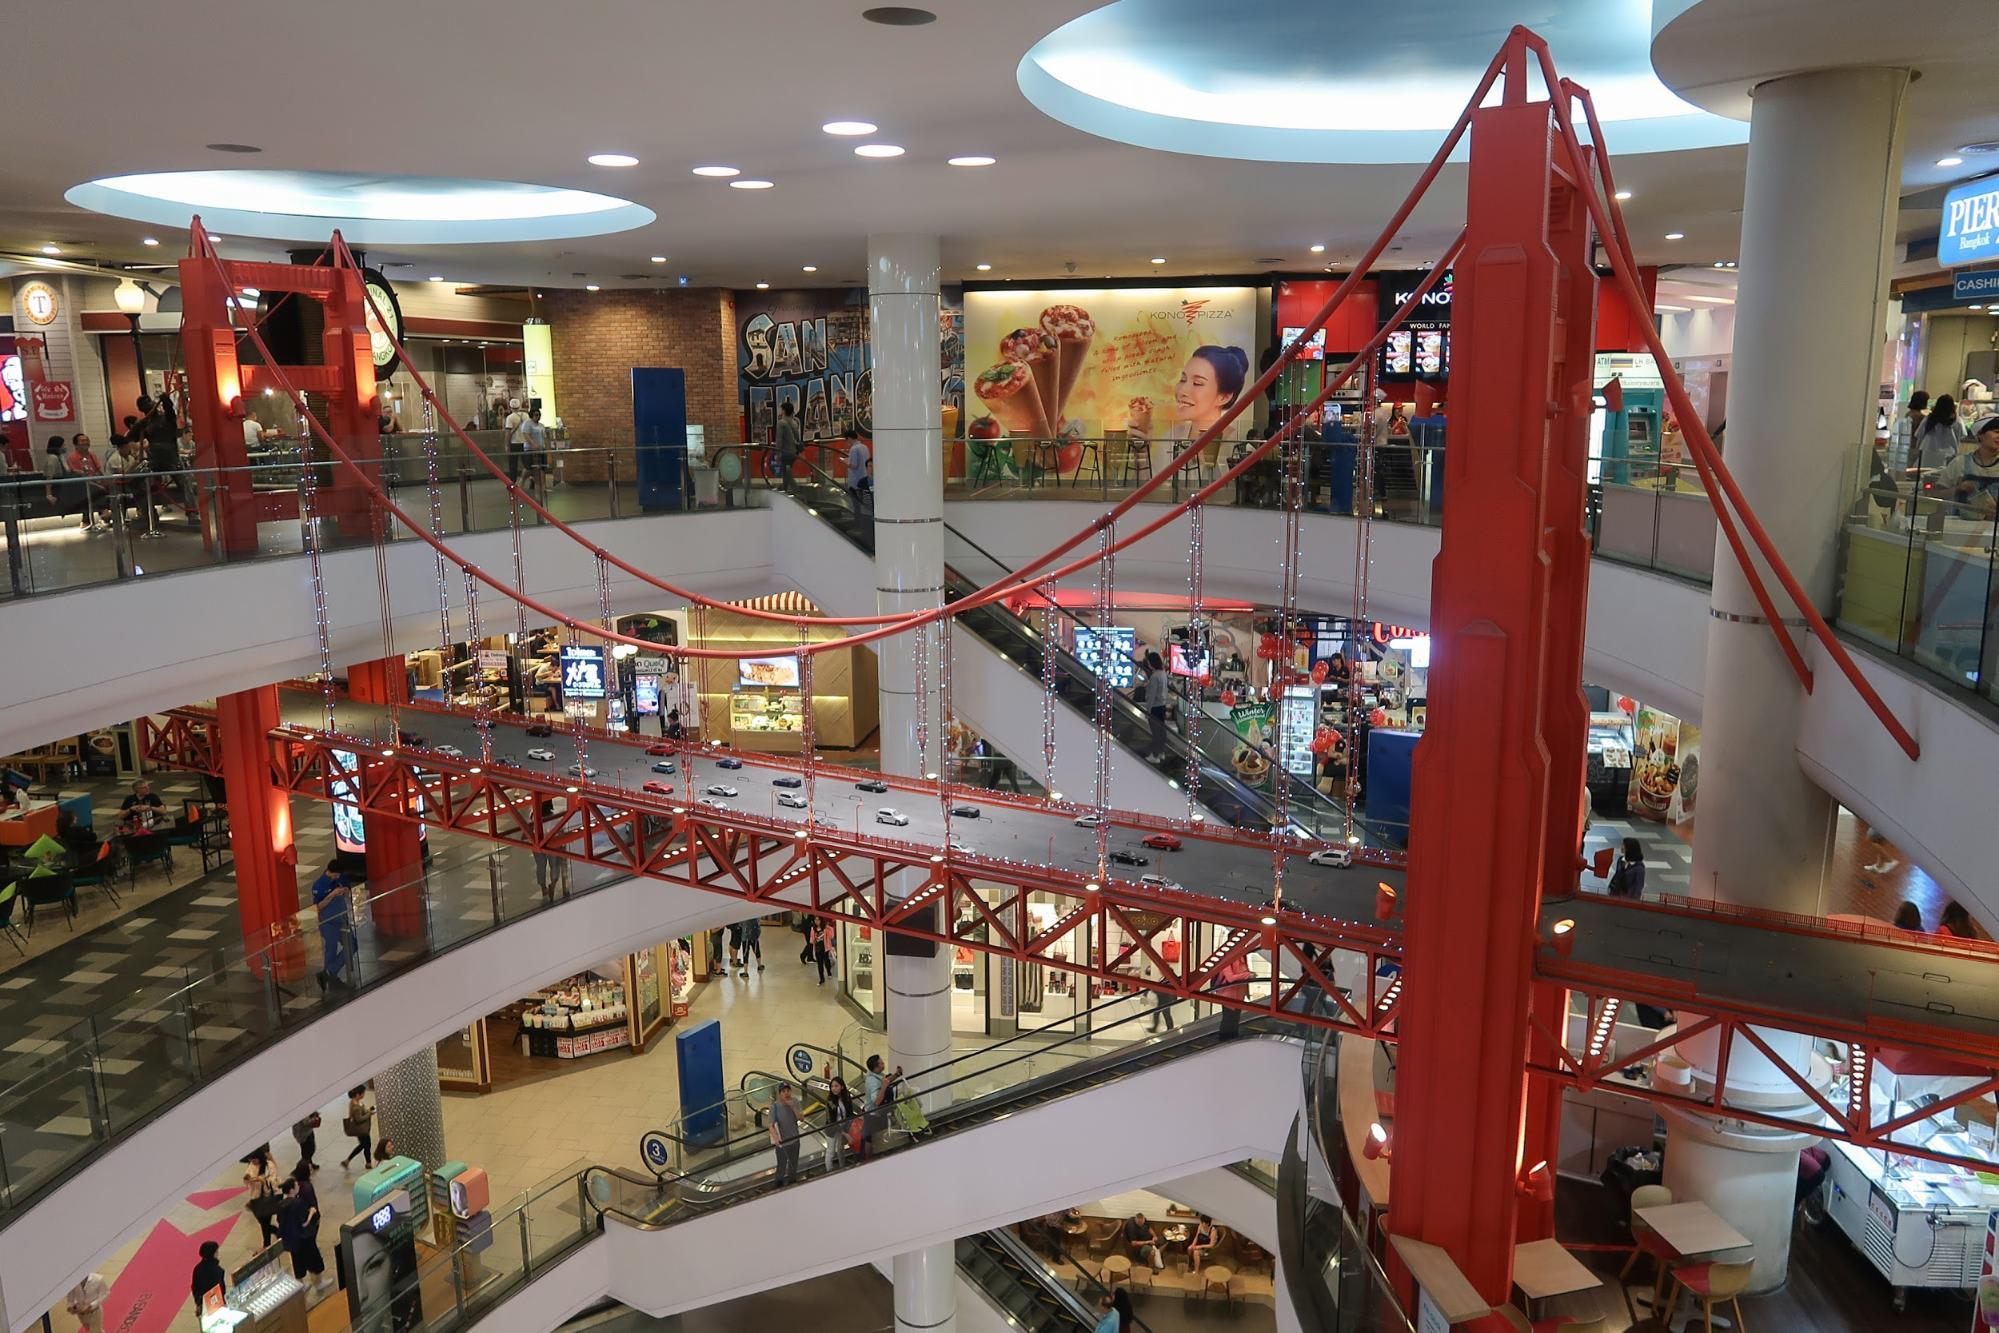 Bangkok Shopping Terminal 21